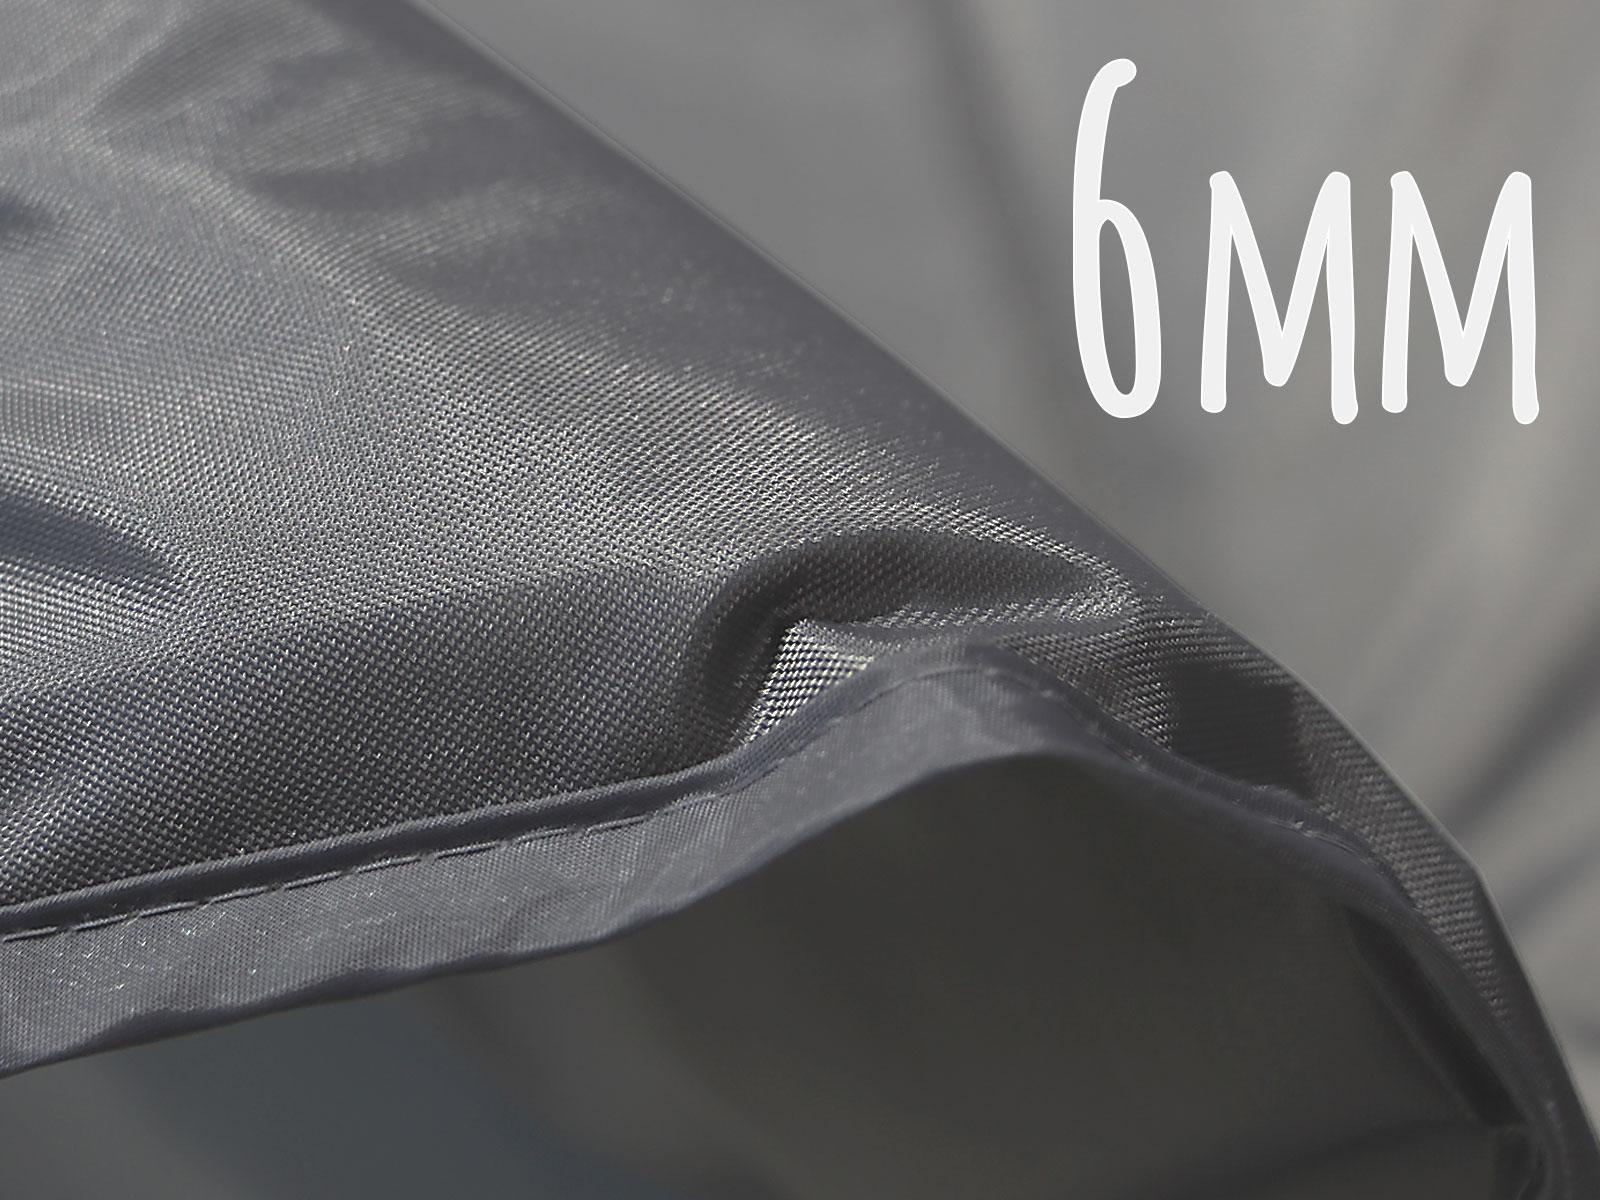 カマボコテント用マットシートセットのメインの特徴(地面の凸凹を吸収する6mm厚インナーマット)